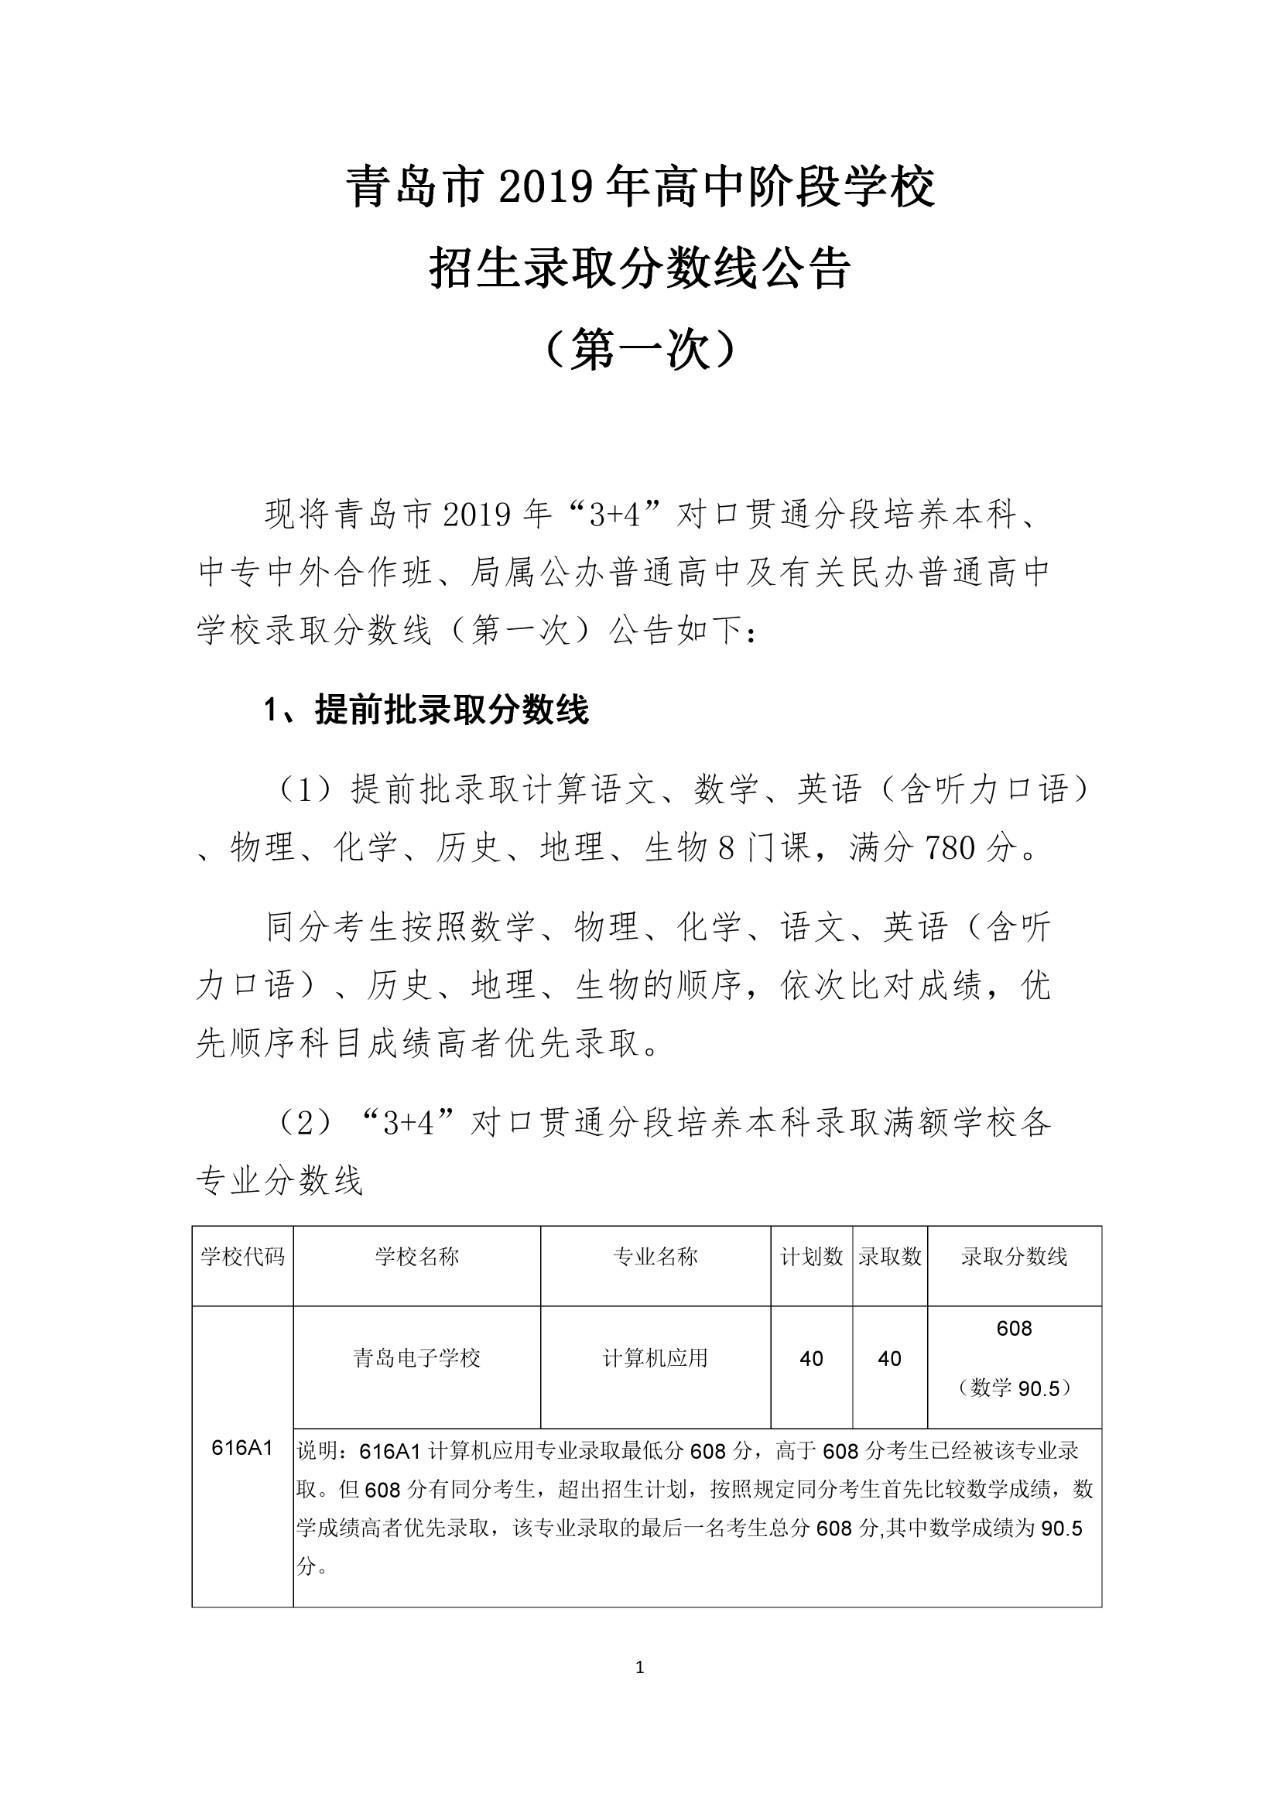 2019年山东青岛中考高中学校录取分数线